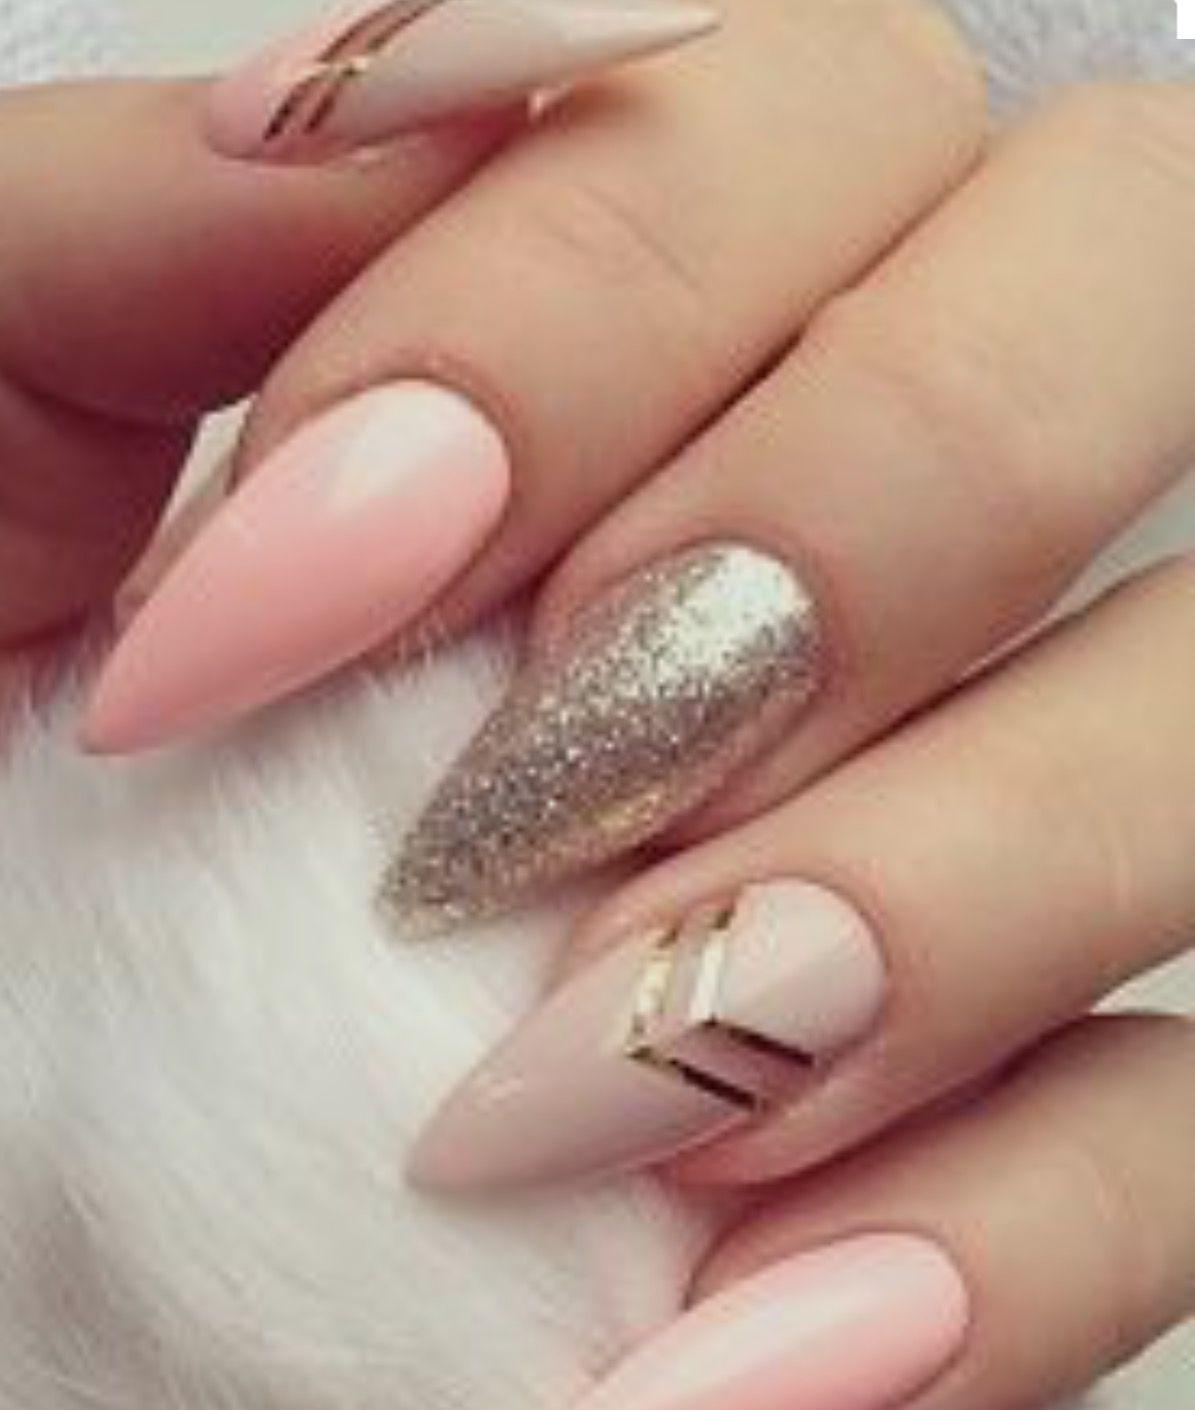 Pin by Ya_gurl_jojo🇭🇹 on Nails   Pinterest   Nail nail, Makeup and ...